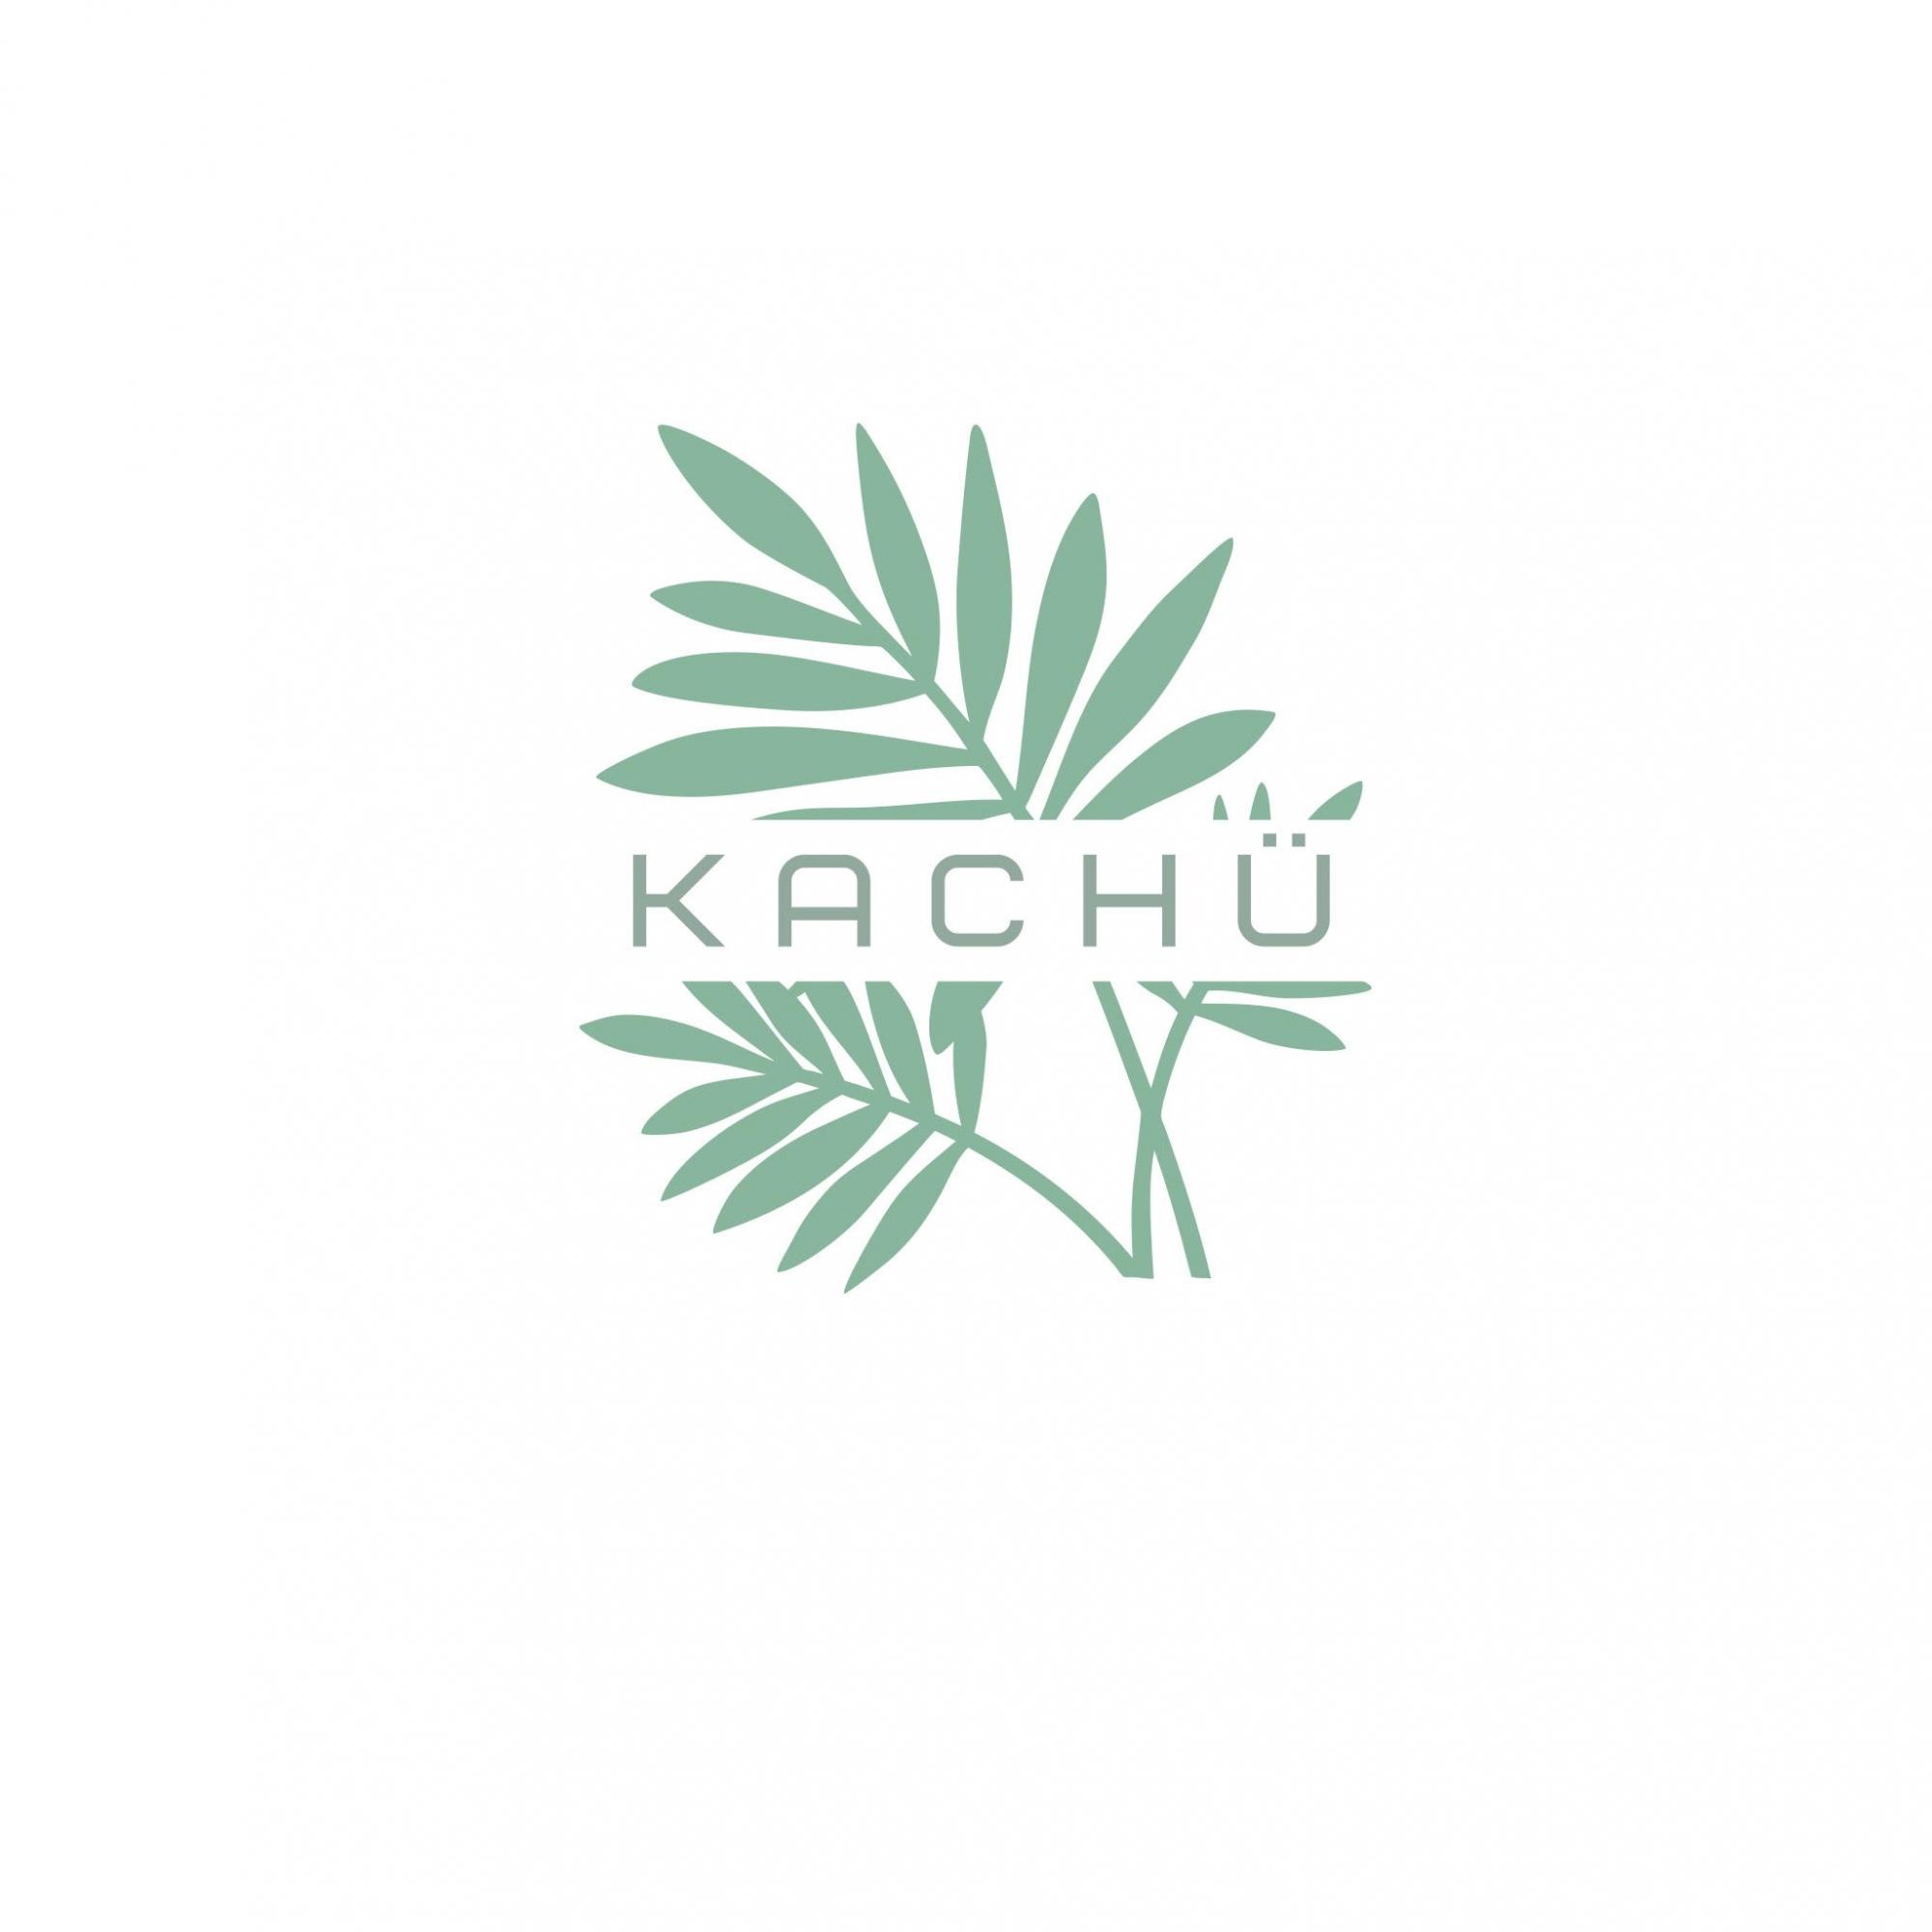 Kachu Cosmetics - Perle Markedsplass